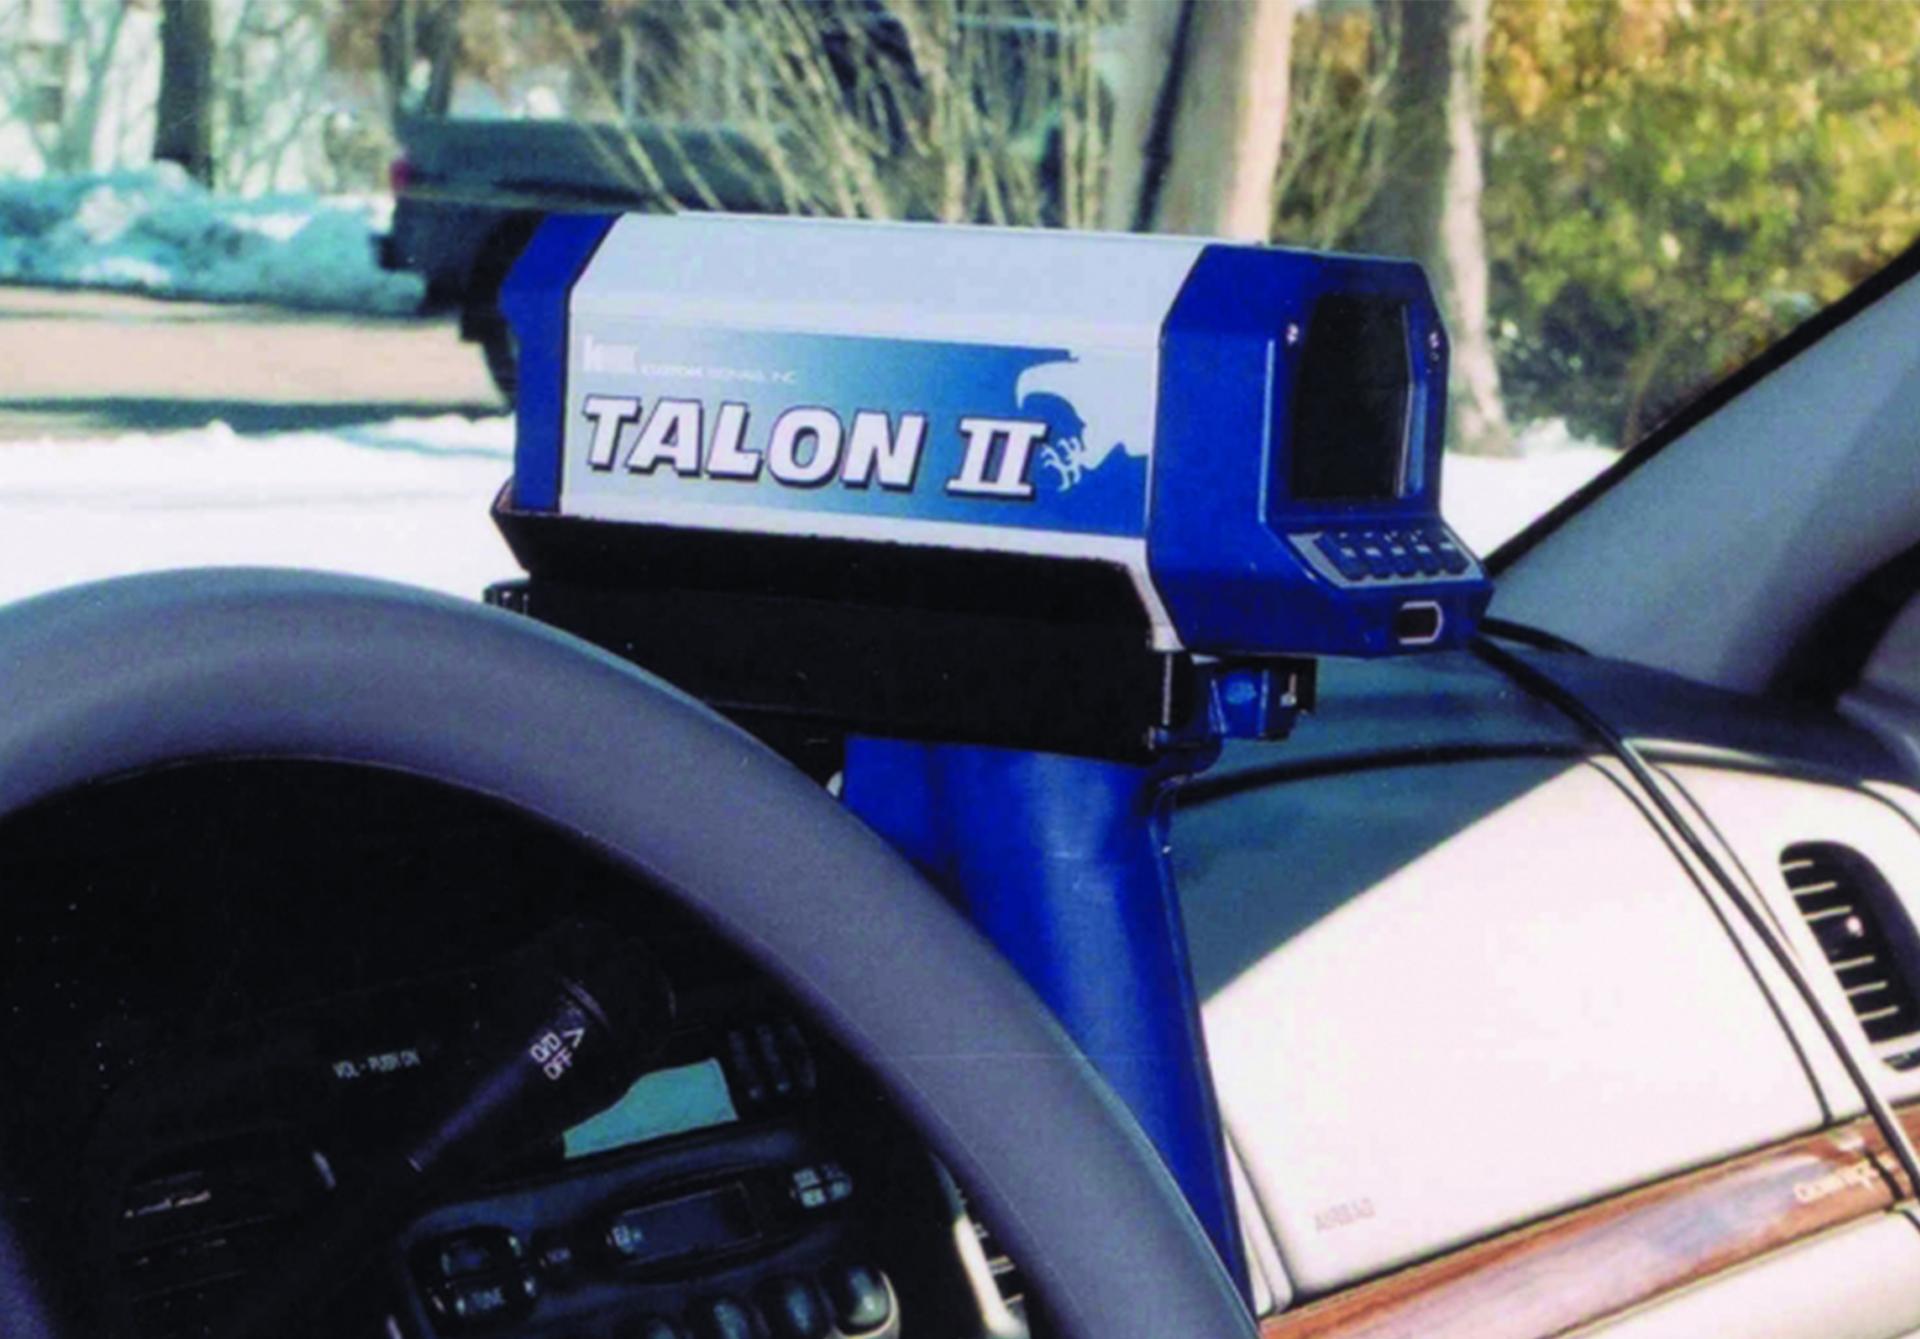 004_Talon II LJ